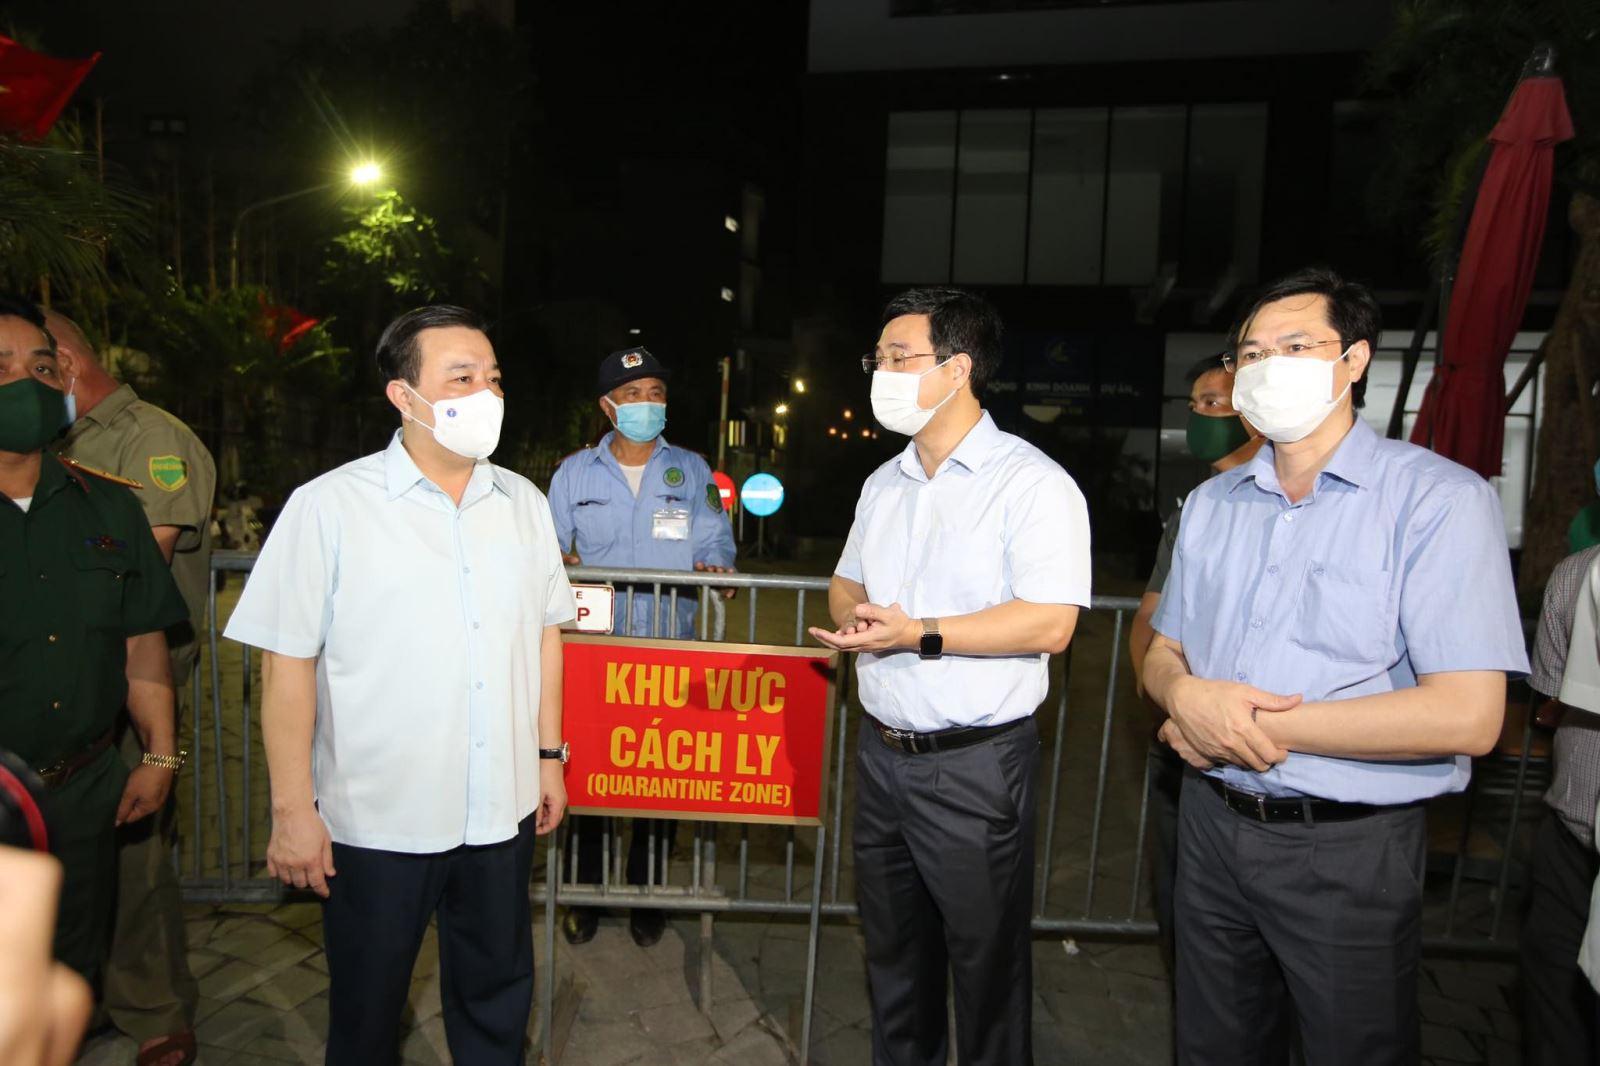 Phó Chủ tịch UBND TP Chử Xuân Dũng kiểm tra công tác phòng dịch tại một số khu chung cư trên địa bàn TP Hà Nội. Ảnh: Xuân Phú.